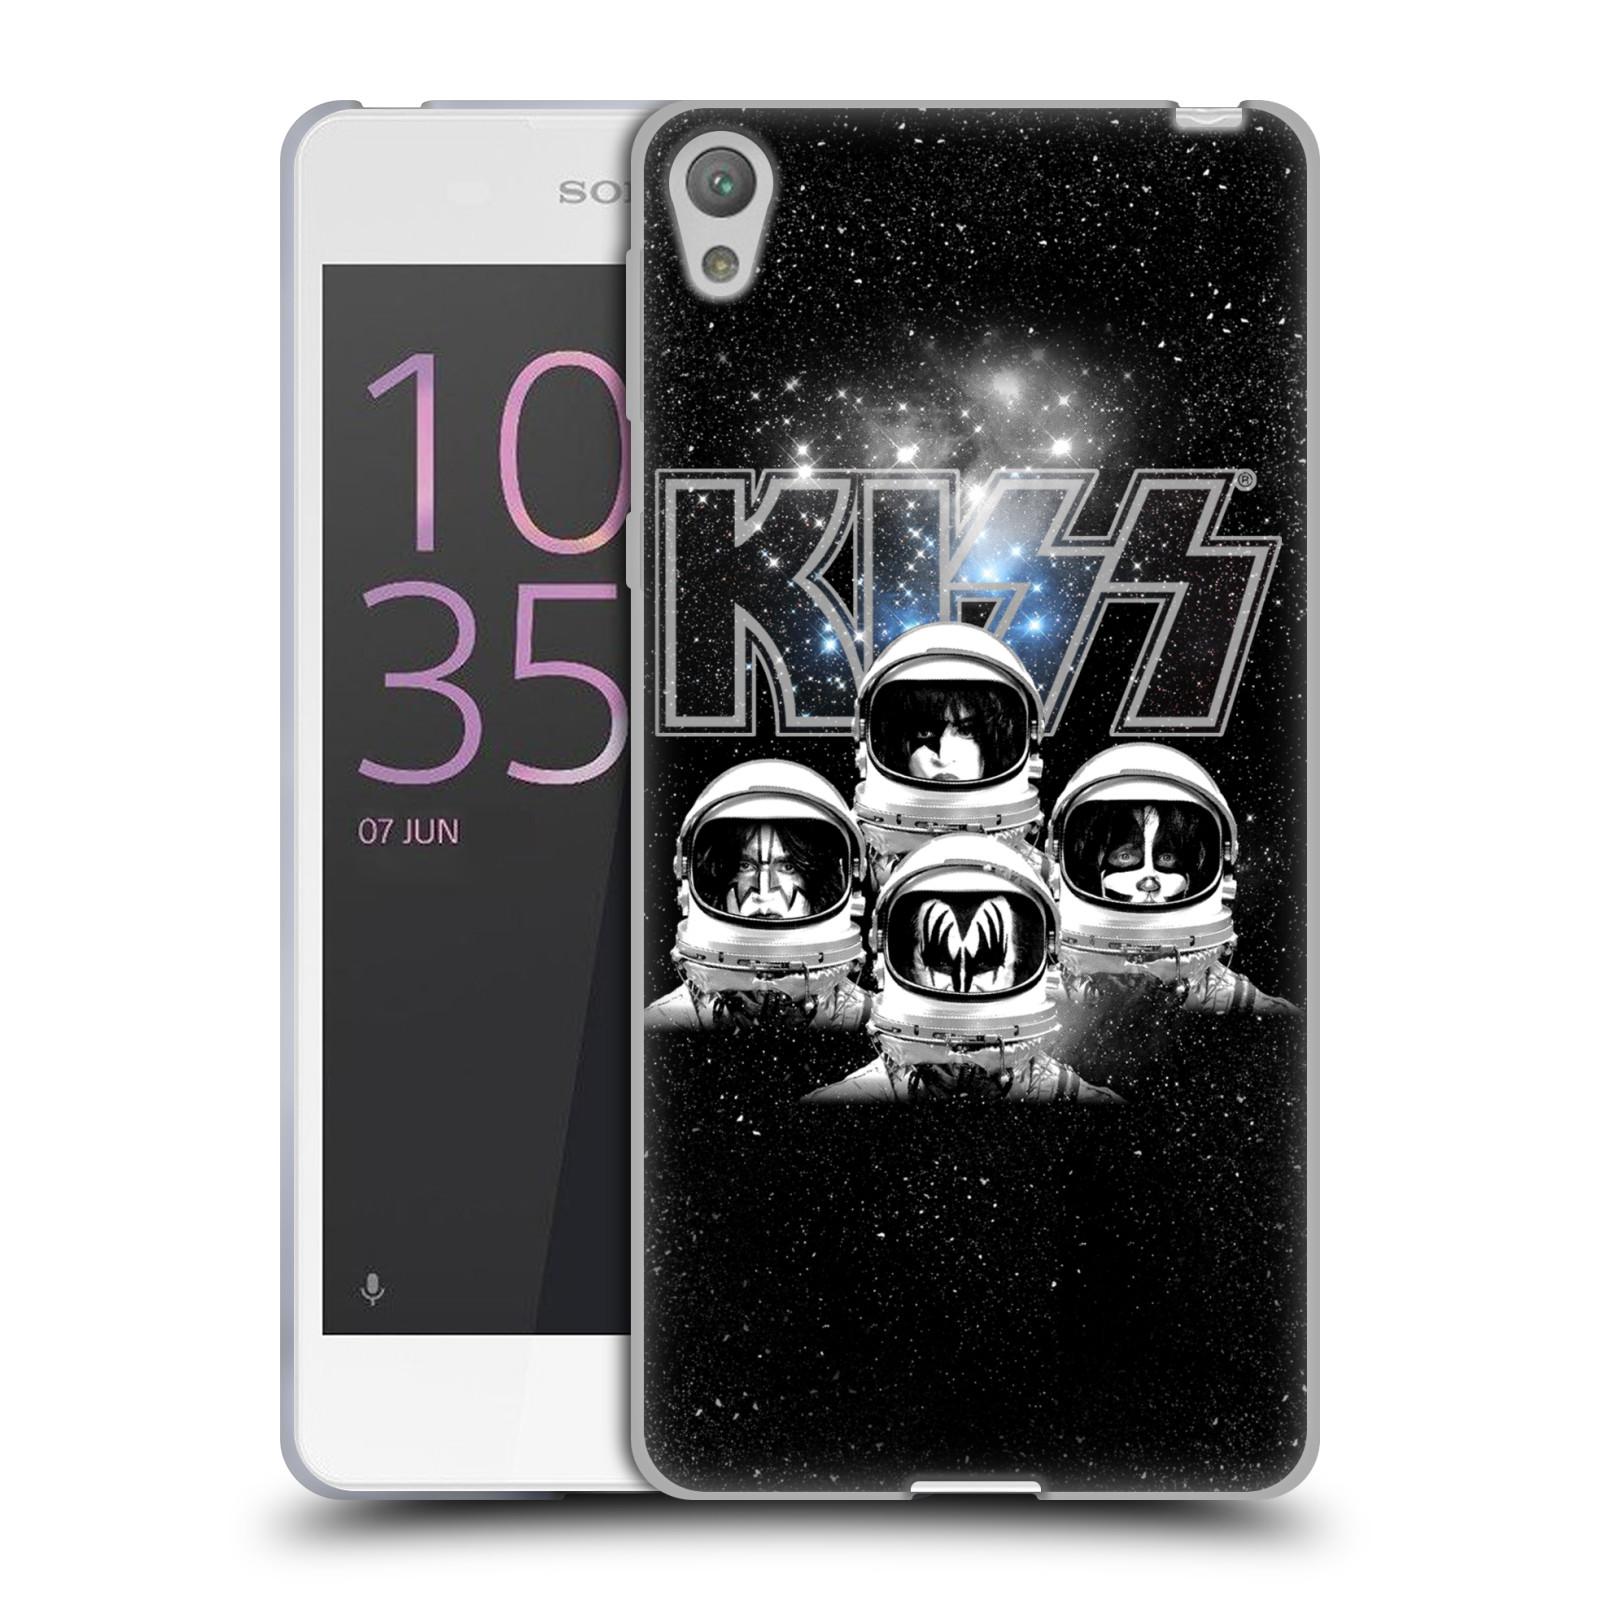 Silikonové pouzdro na mobil Sony Xperia E5 HEAD CASE - Kiss - Galactic (Silikonový kryt či obal na mobilní telefon s licencovaným motivem Kiss pro Sony Xperia E5 F3311)